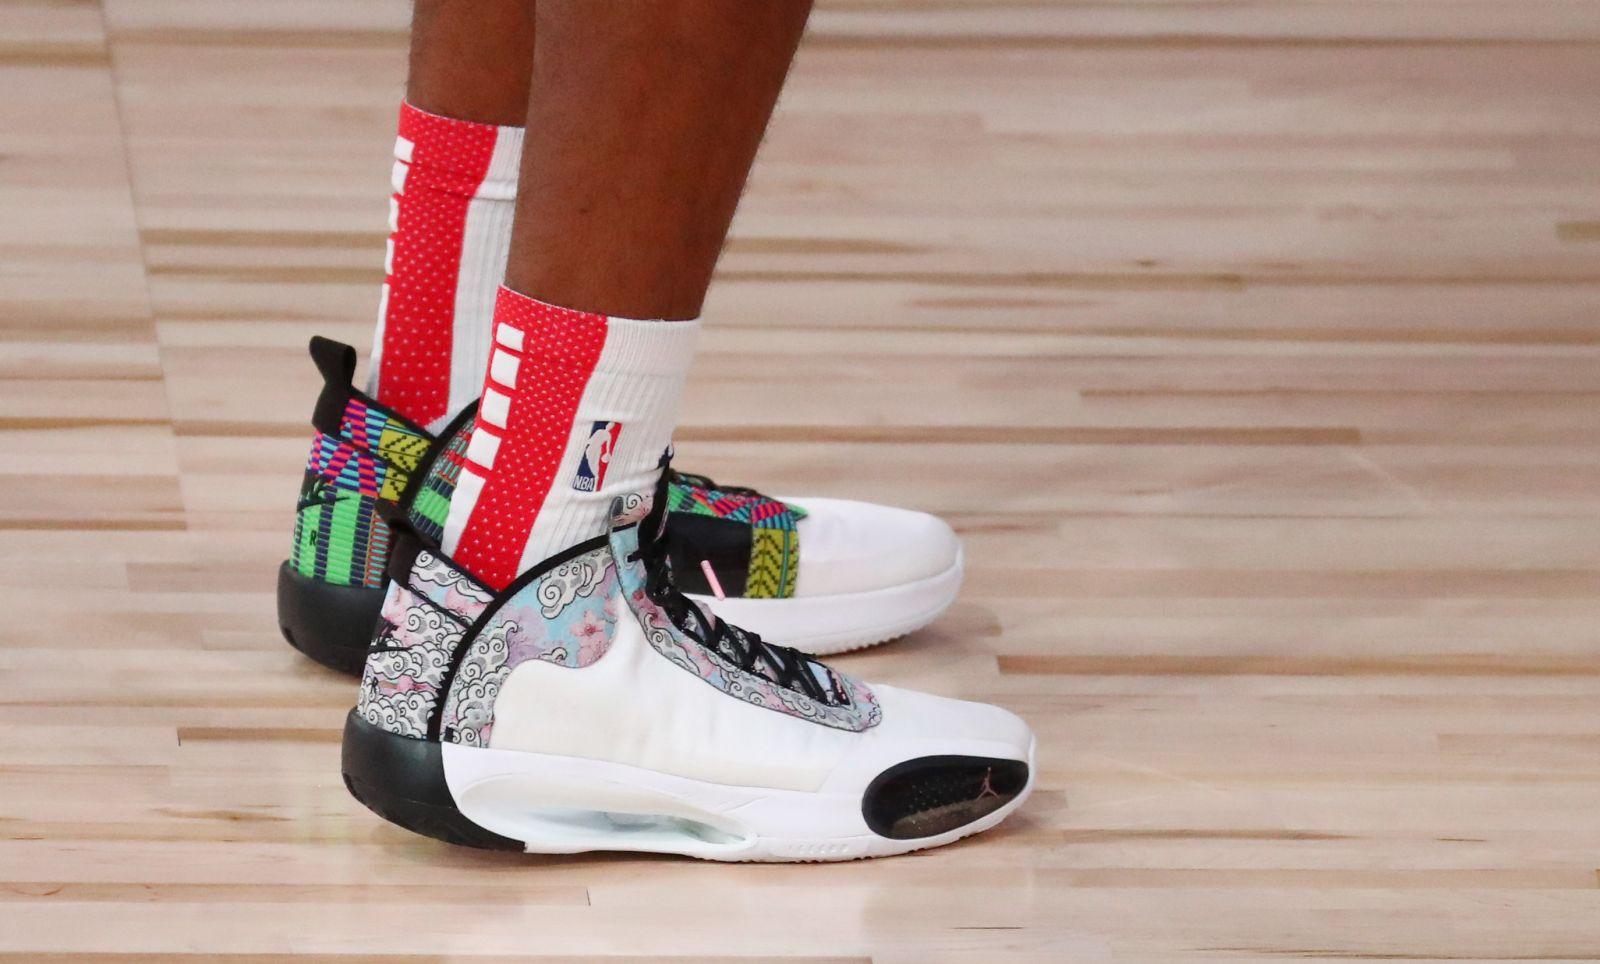 今日球鞋:莫兰特上脚Adapt BB 2,塔克上脚FOG 1